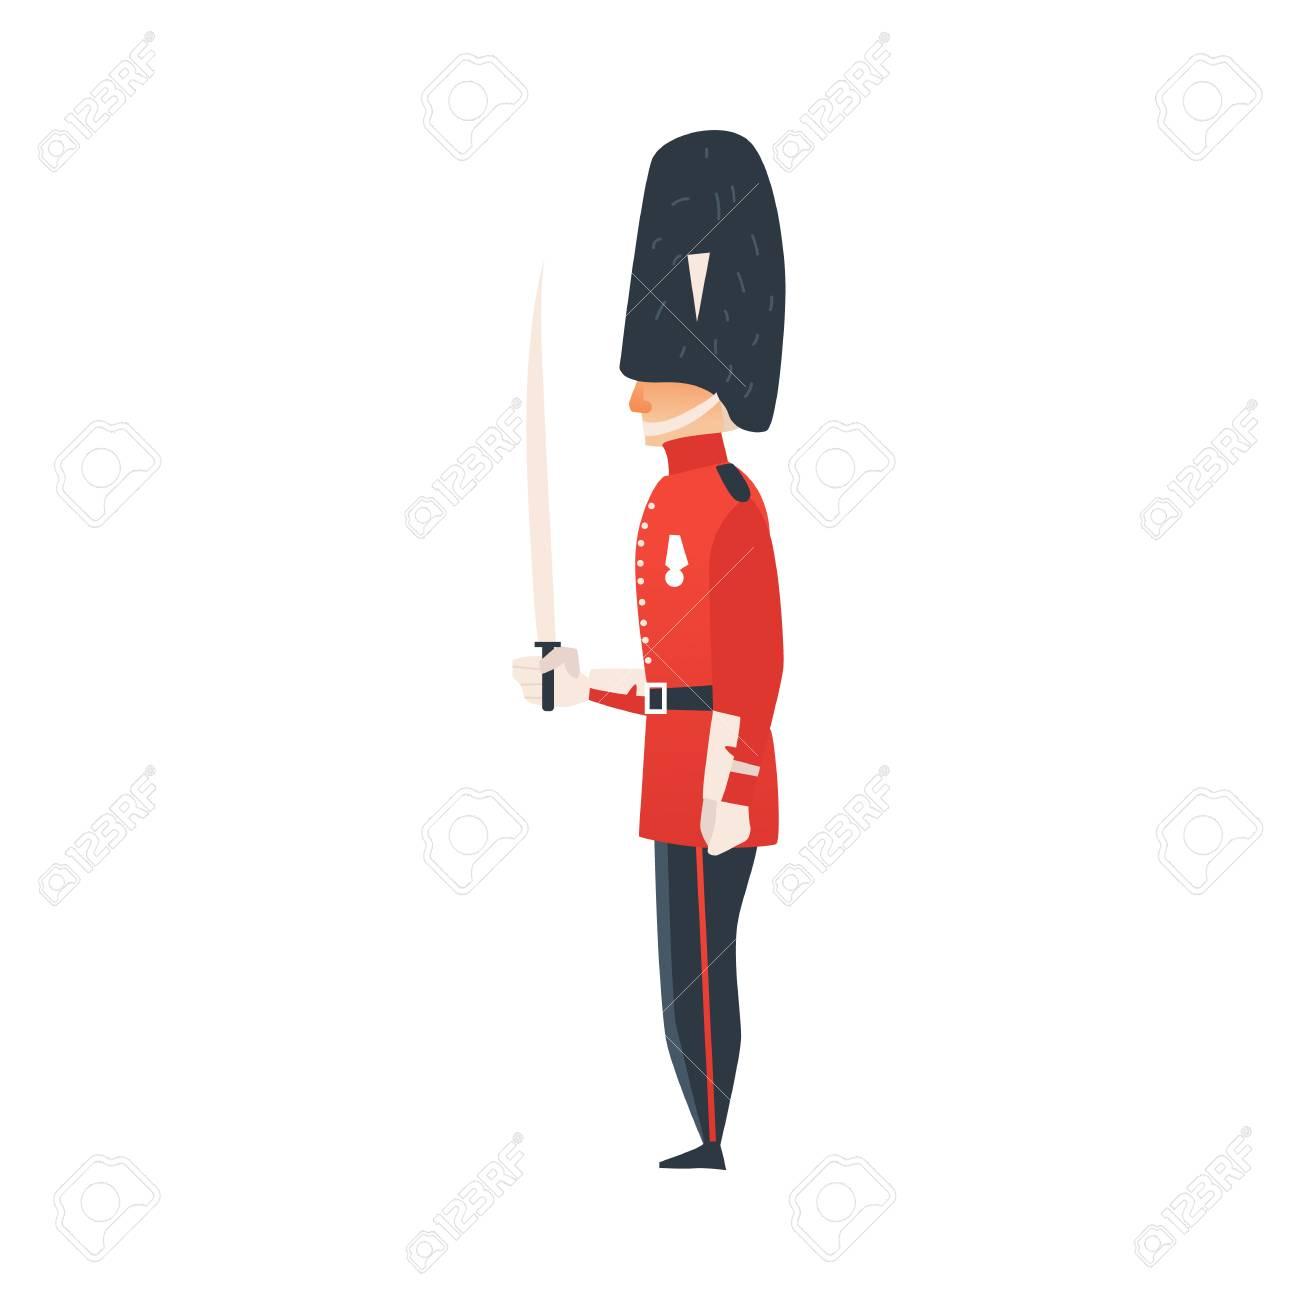 Garde De Reine De Dessin Animé De Vecteur. Homme En Anglais Traditionnel,  Britannique Royaume-Uni Angleterre Rouge Uniforme, Arme De Tenue De Soldat. dedans Dessin De Angleterre